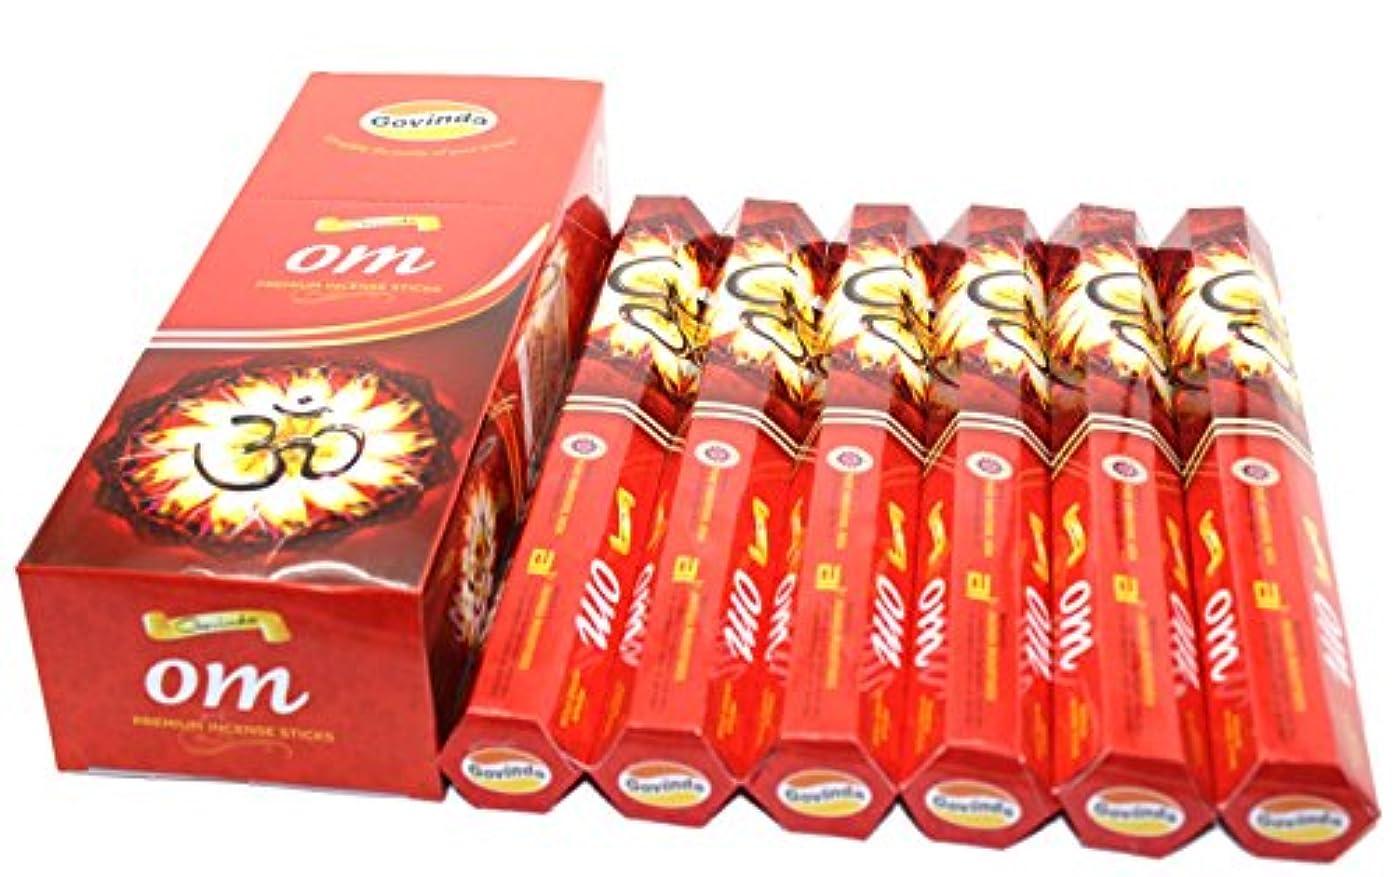 十分な発掘する突破口Govinda ® Incense – Om – 120 Incense Sticks、プレミアムIncense、Masalaコーティング